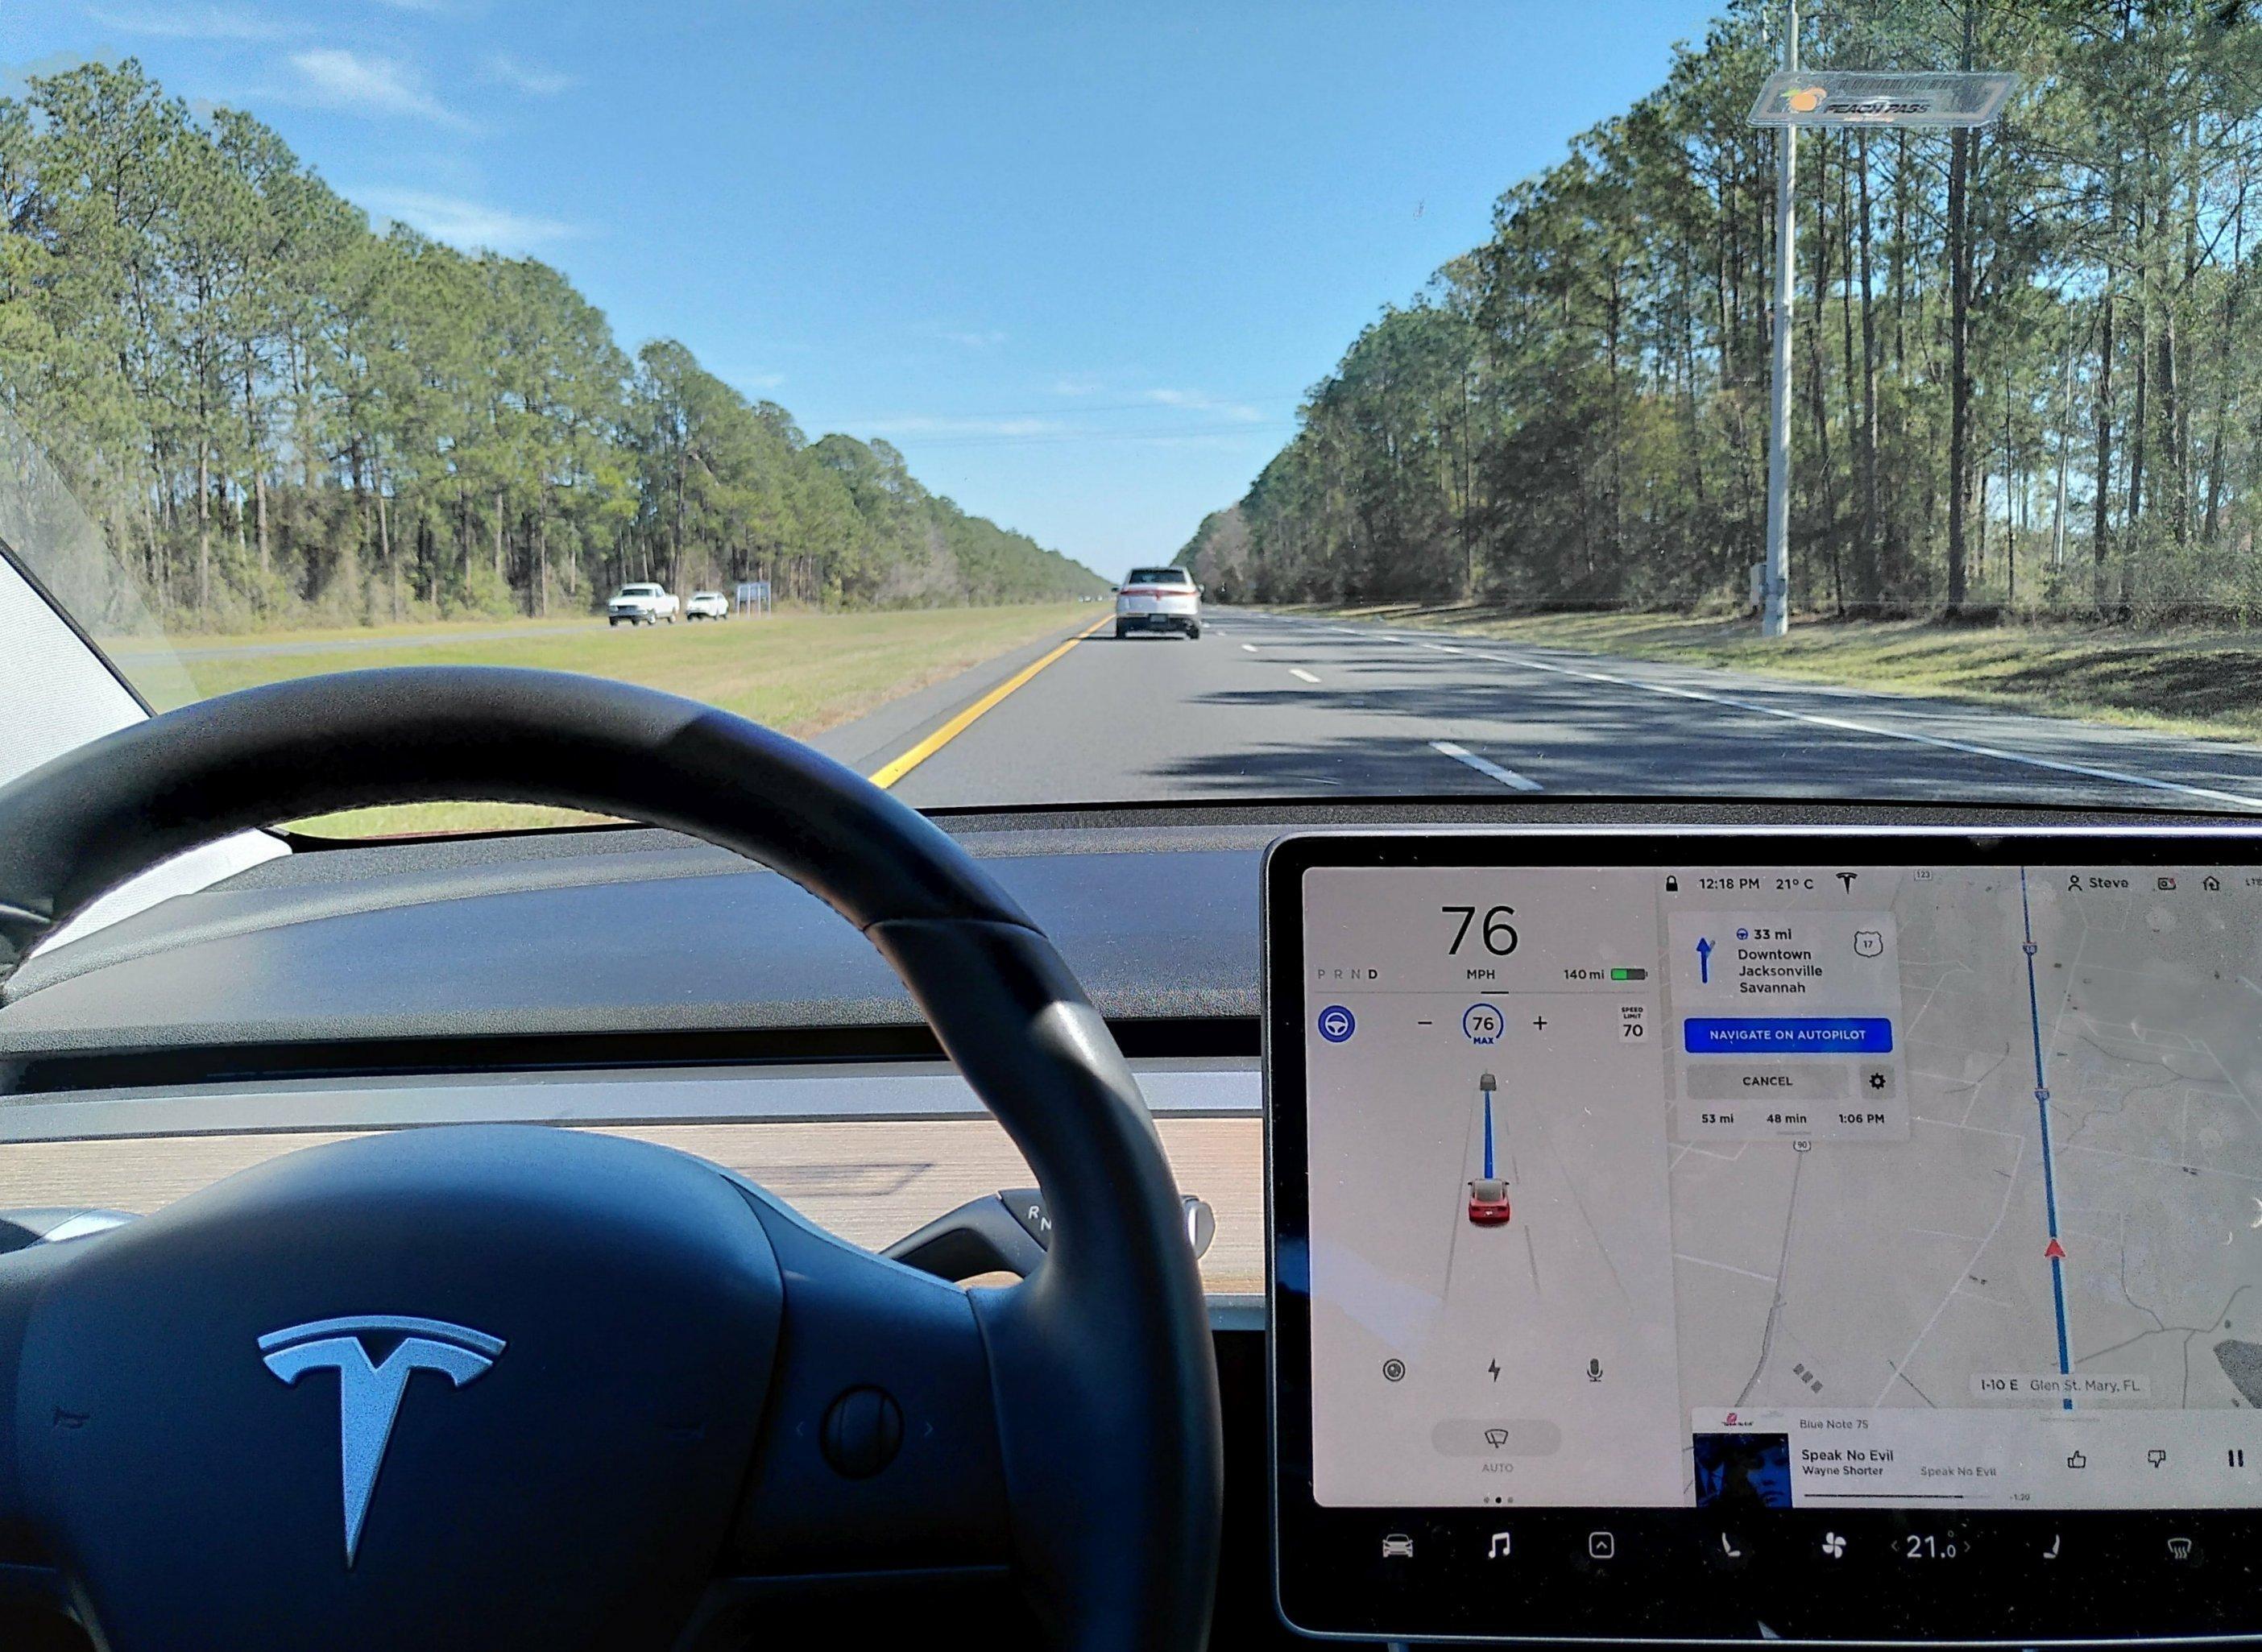 Blick aufs Armaturenbrett eines Teslas während der Fahrt.